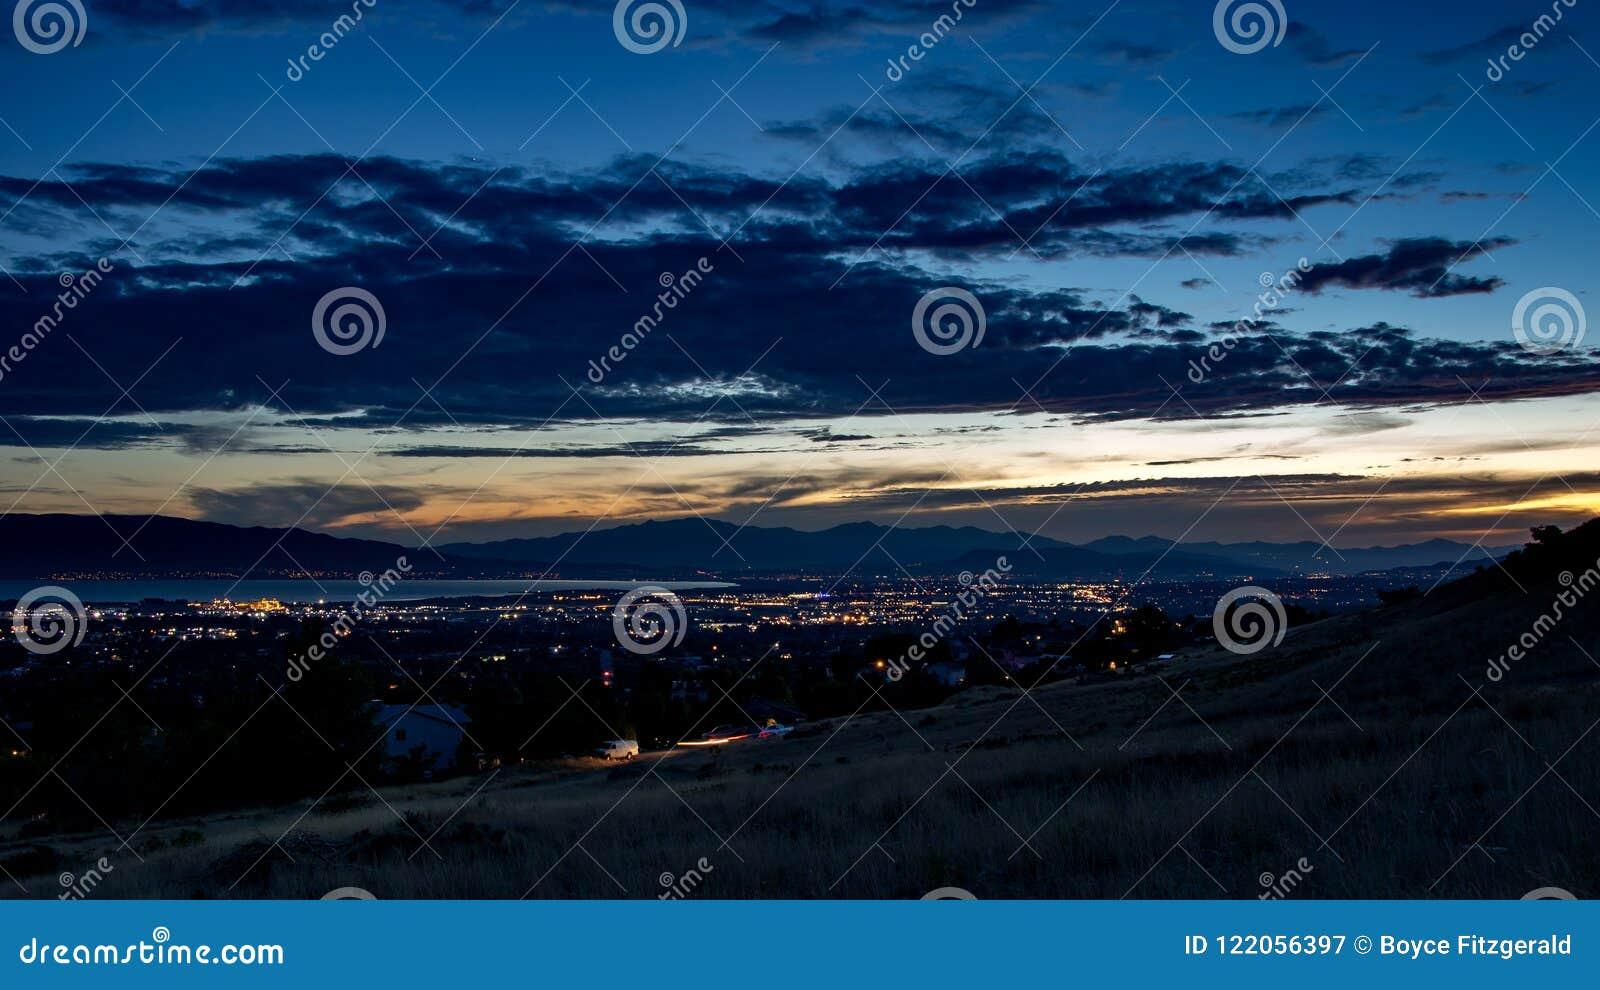 Το σούρουπο μειώνεται πέρα από μια νυσταλέα πόλη σε μια κοιλάδα με τα βουνά και μια λίμνη στο υπόβαθρο